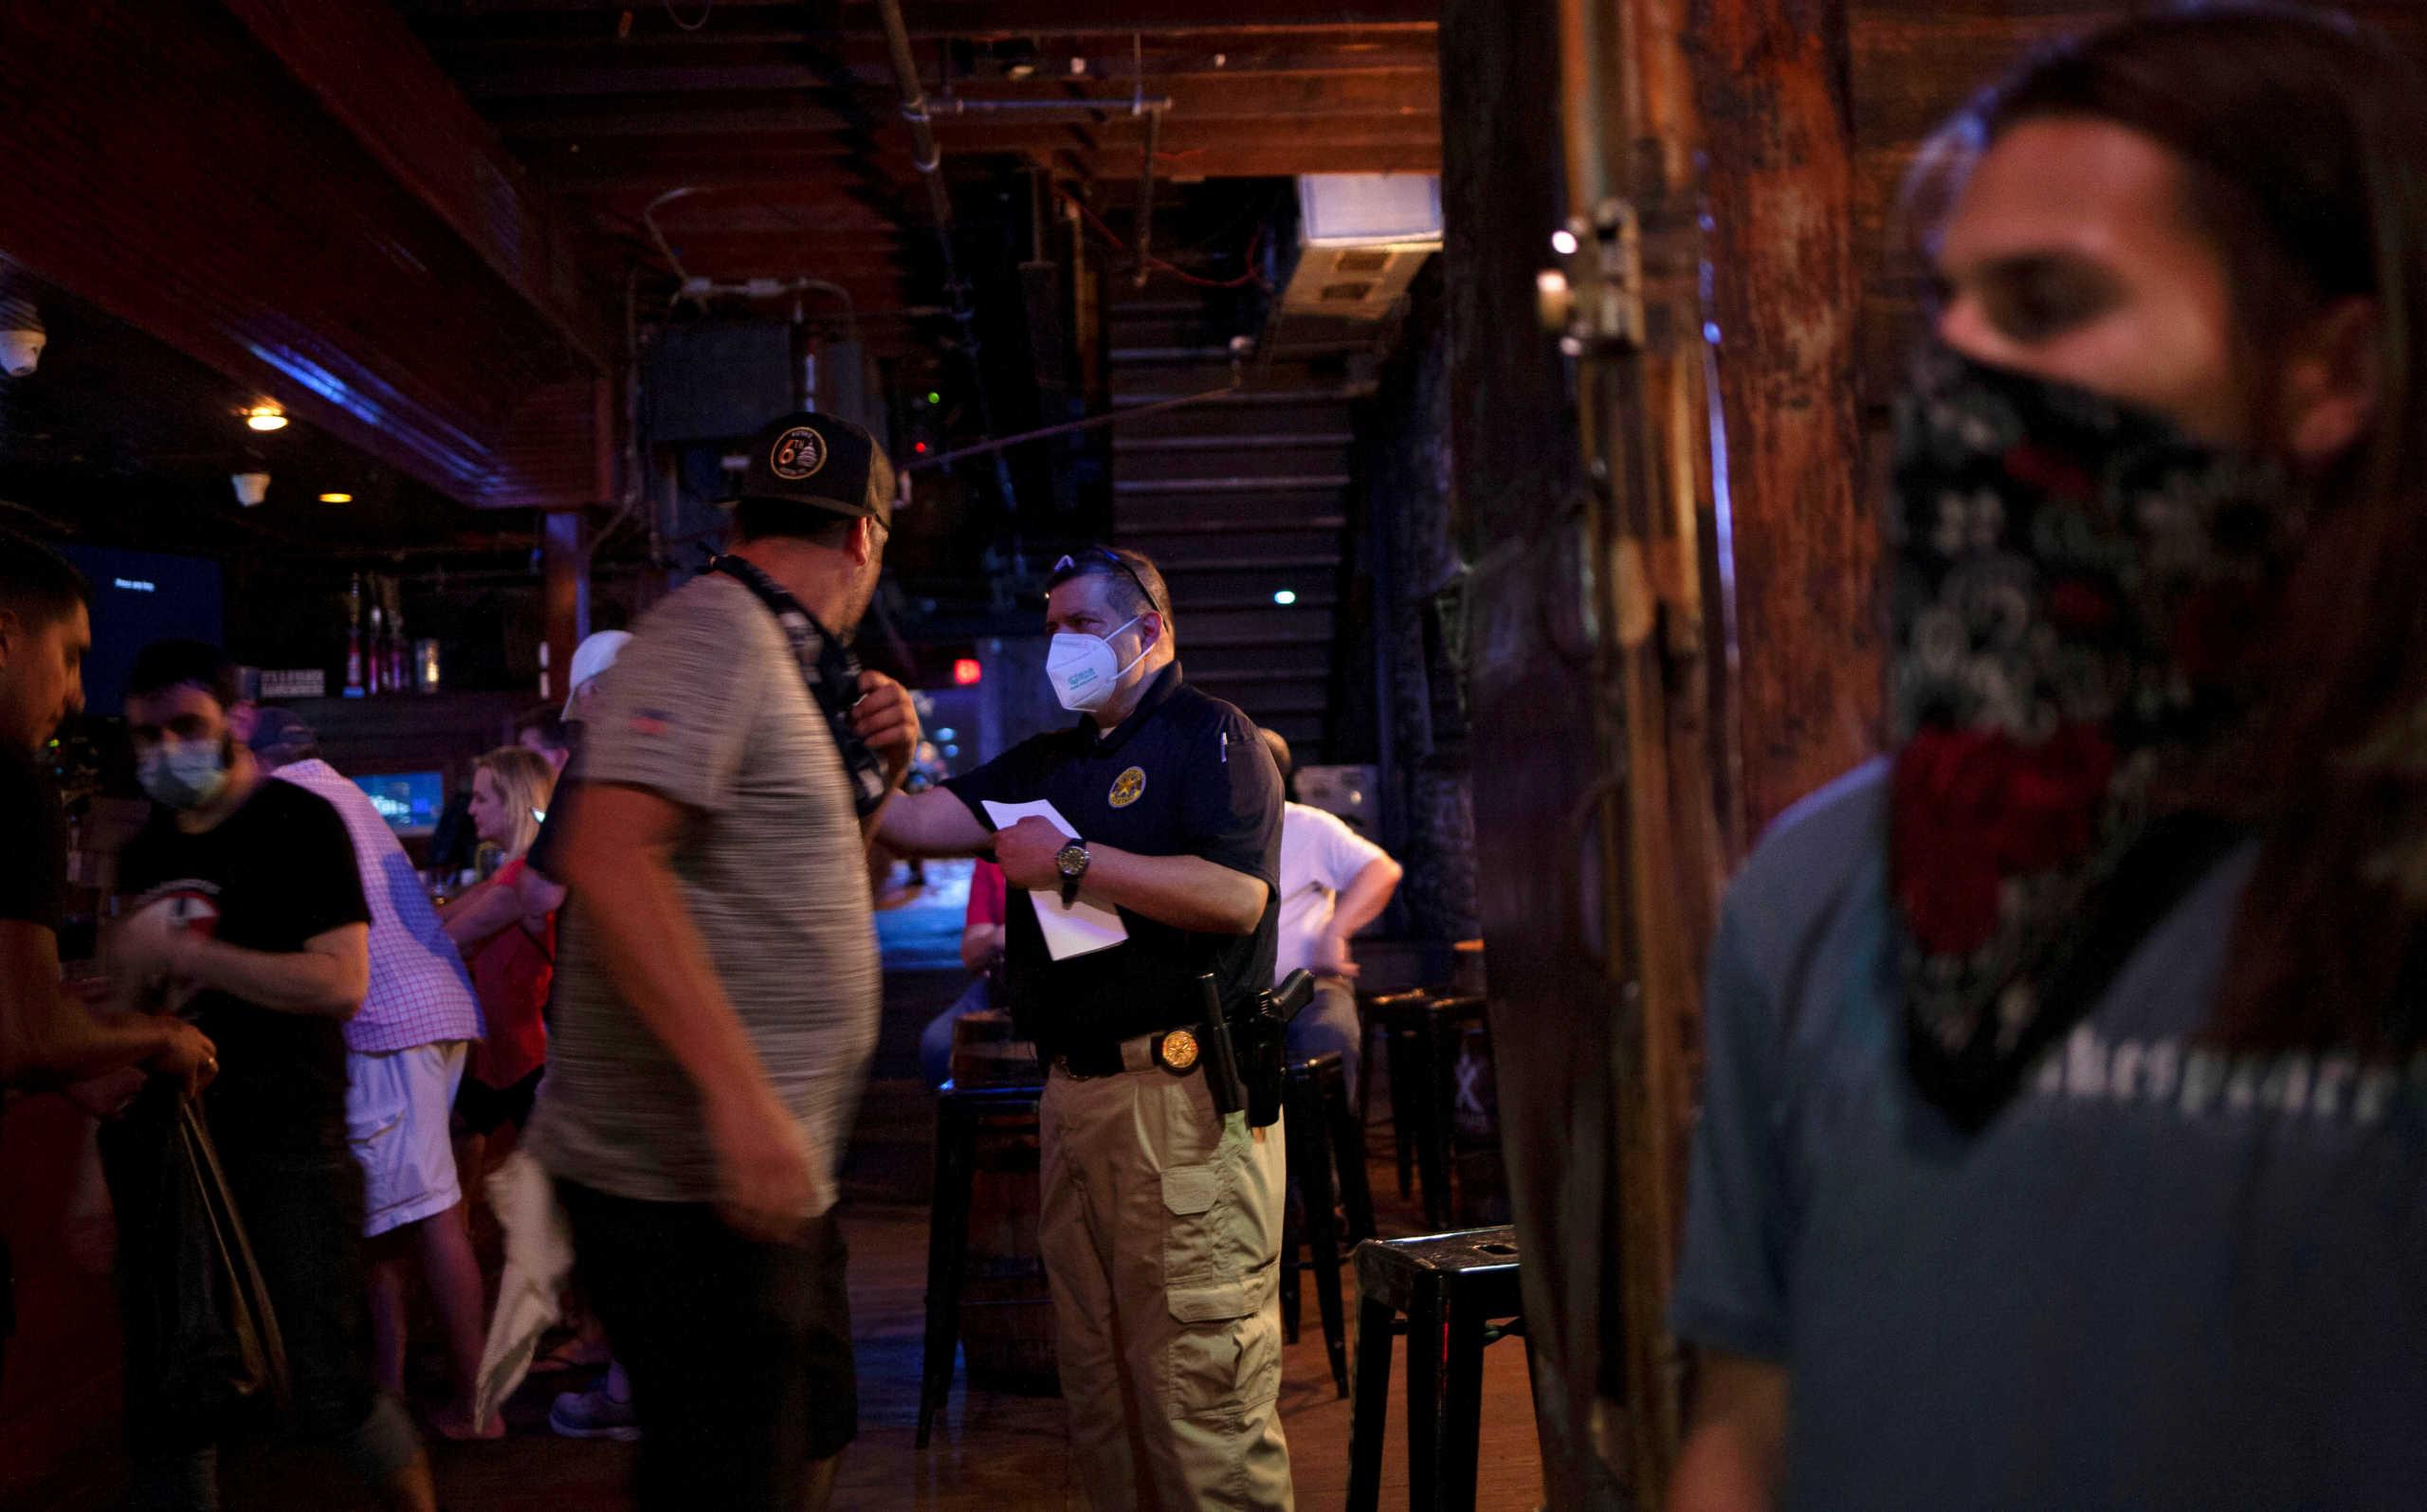 Εφιάλτης στις ΗΠΑ – Πάνω από 12.600 νέα κρούσματα κορονοϊού στη Φλόριντα